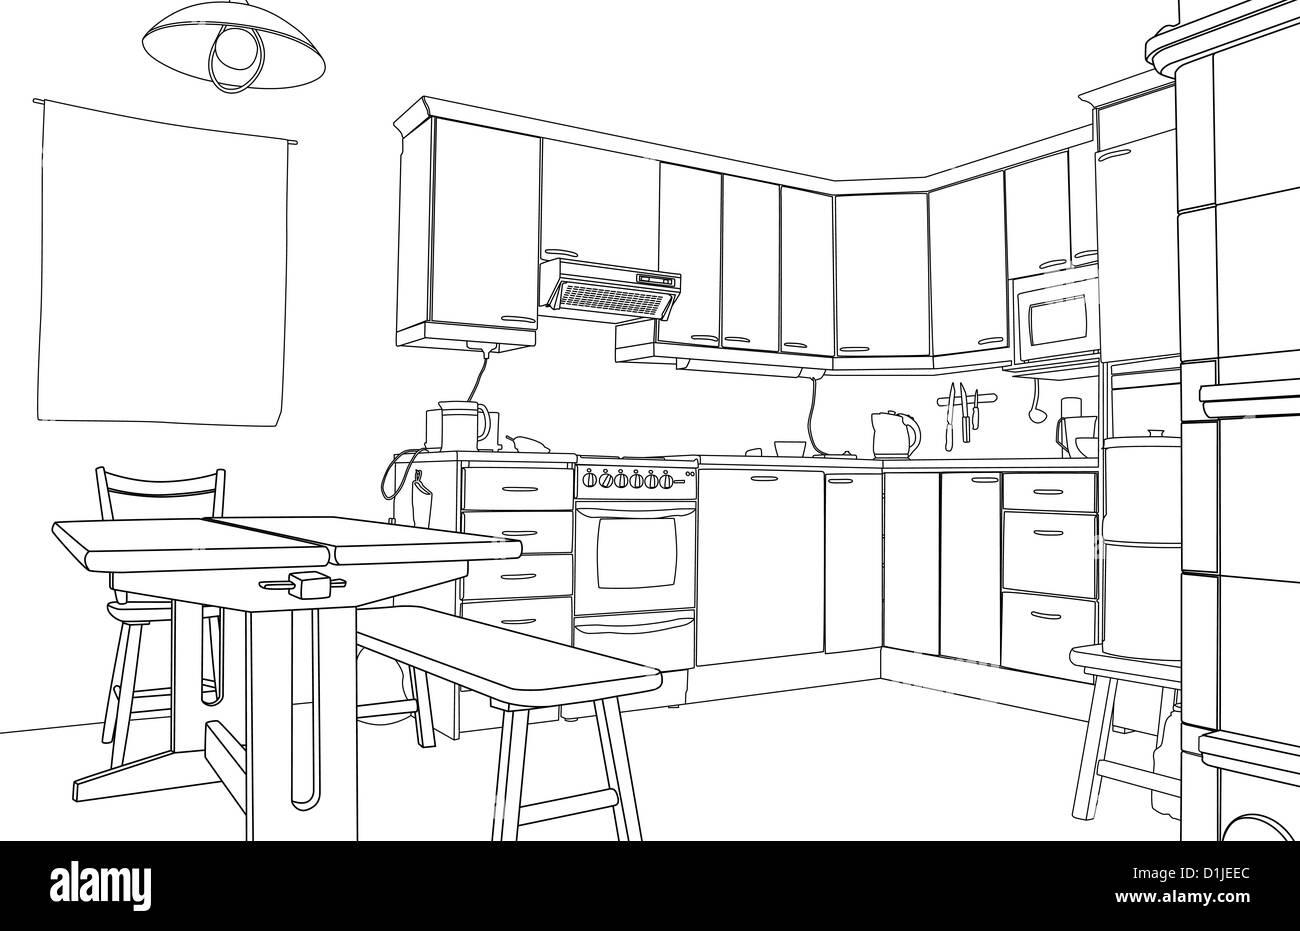 Illustrazione di una bozza di disegno di una cucina interno Foto ...